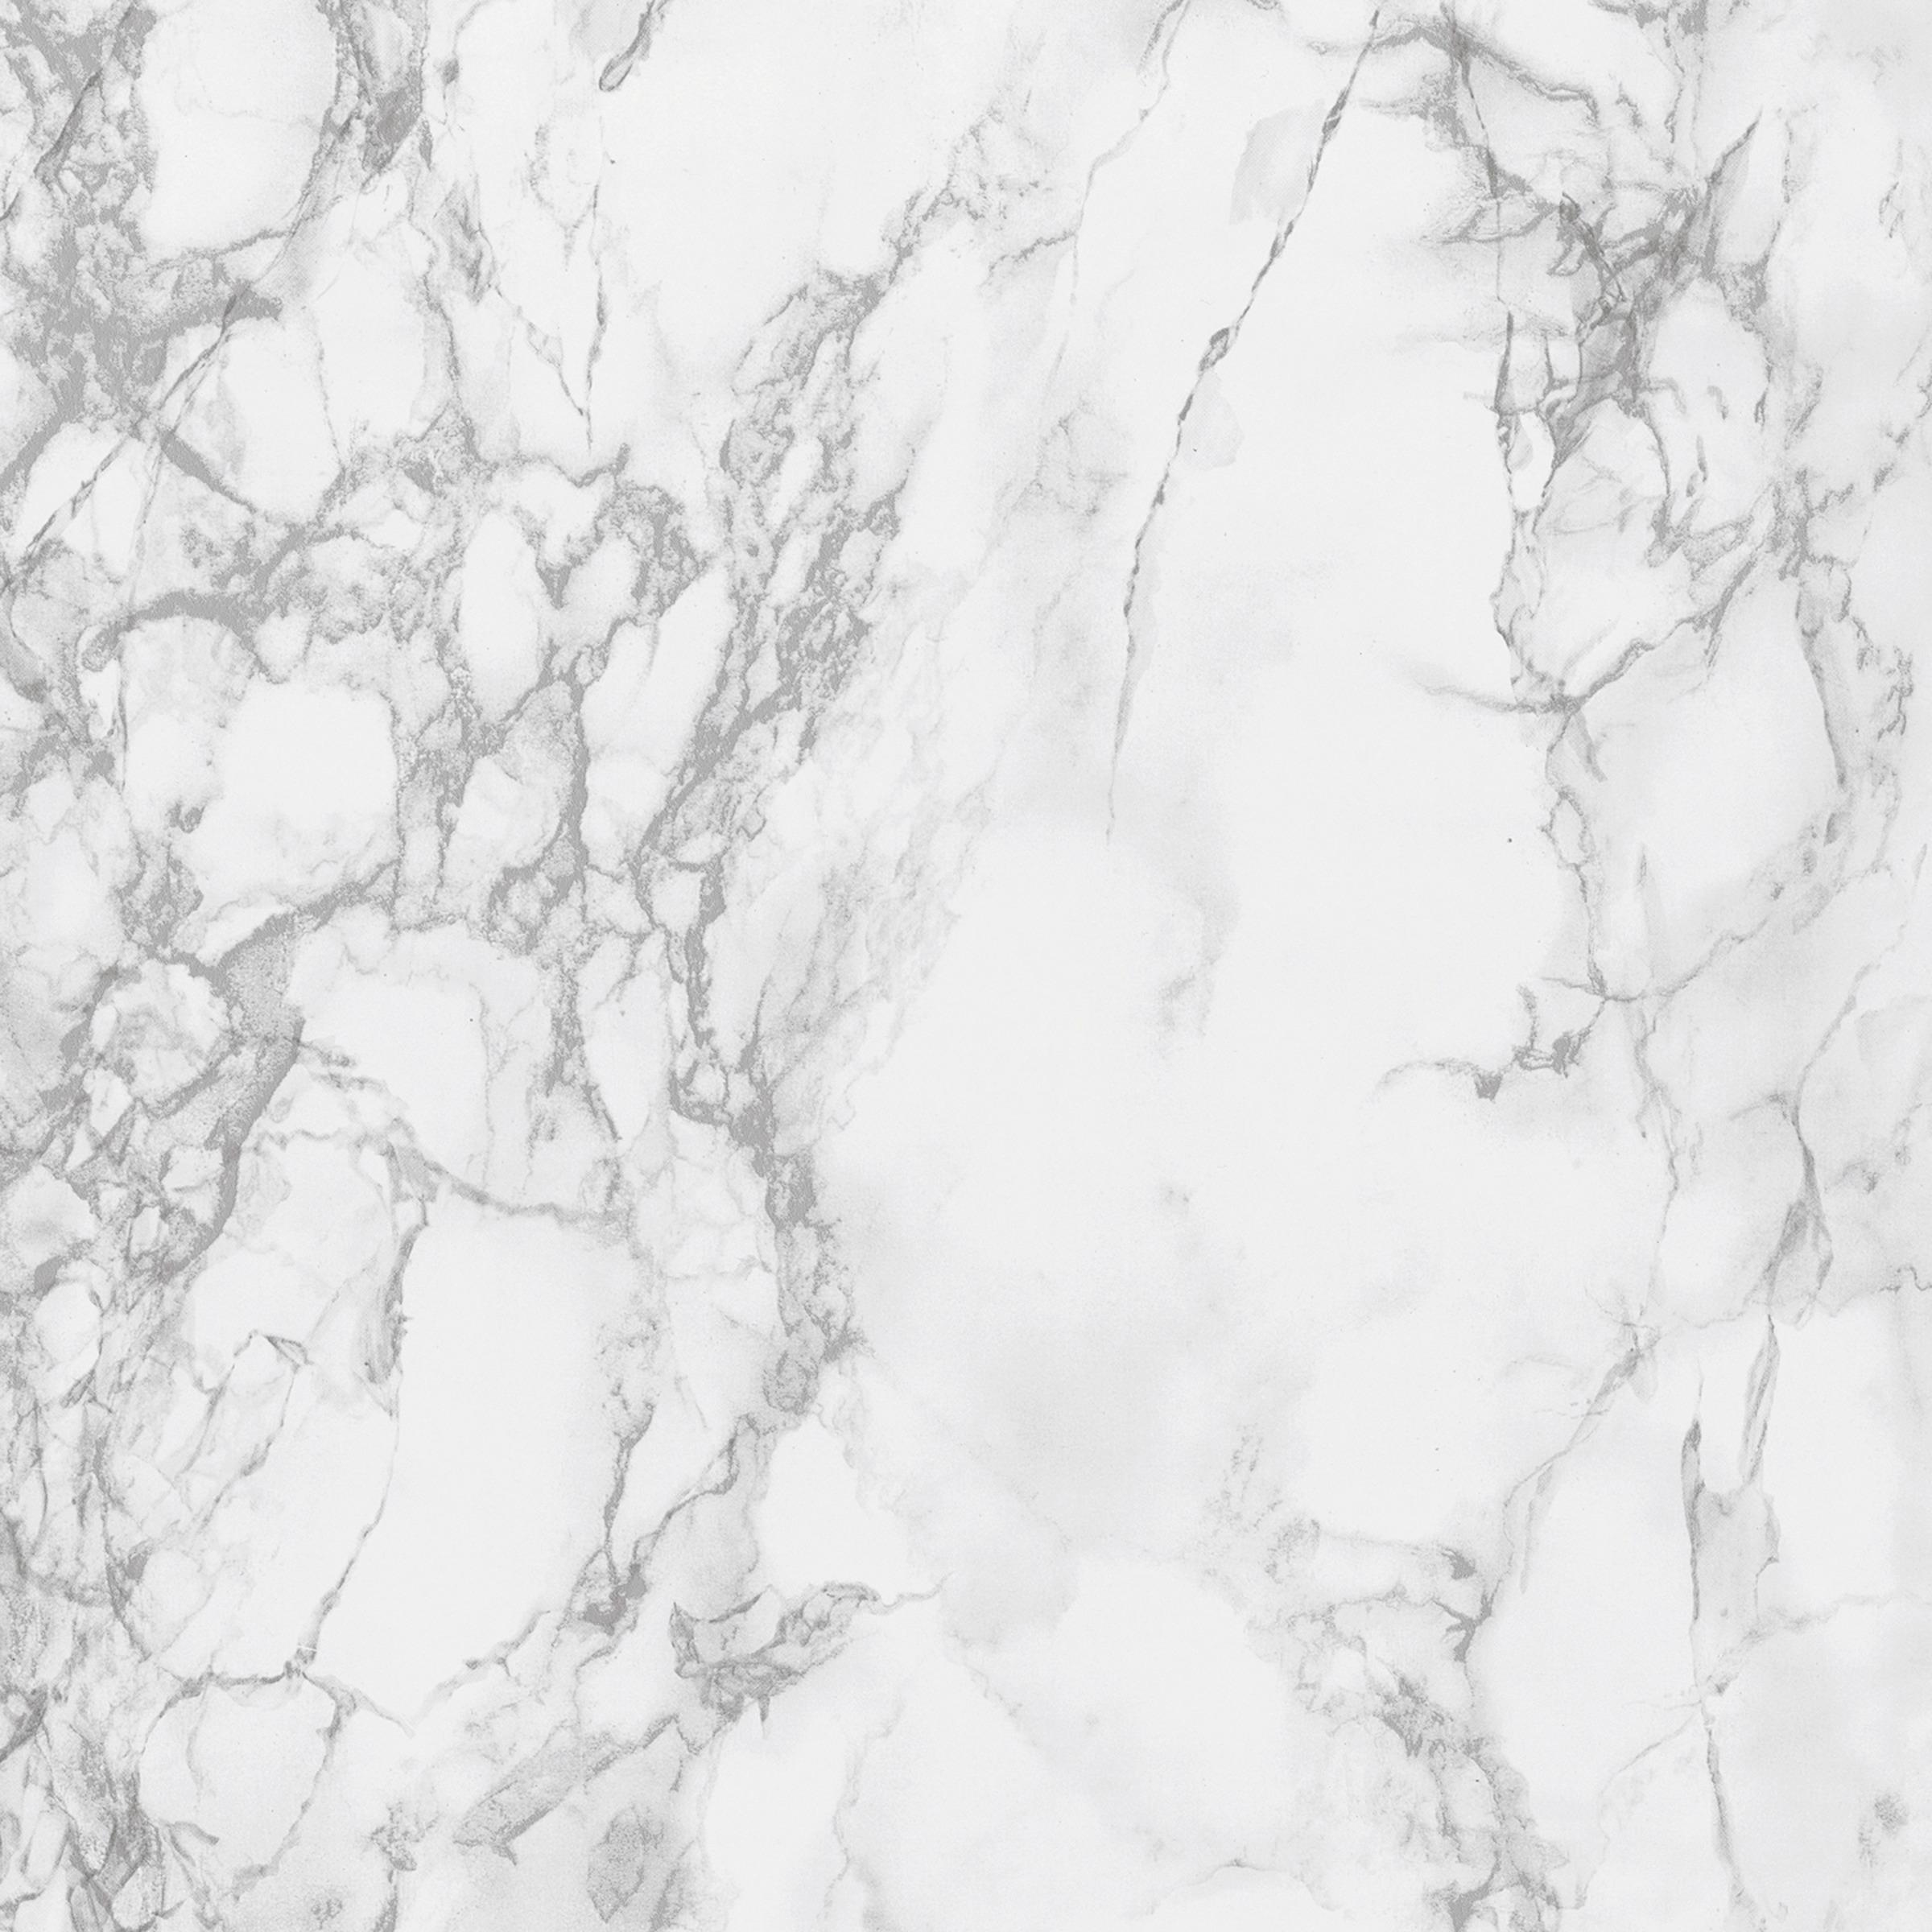 Decofolie Marmi Grau wit